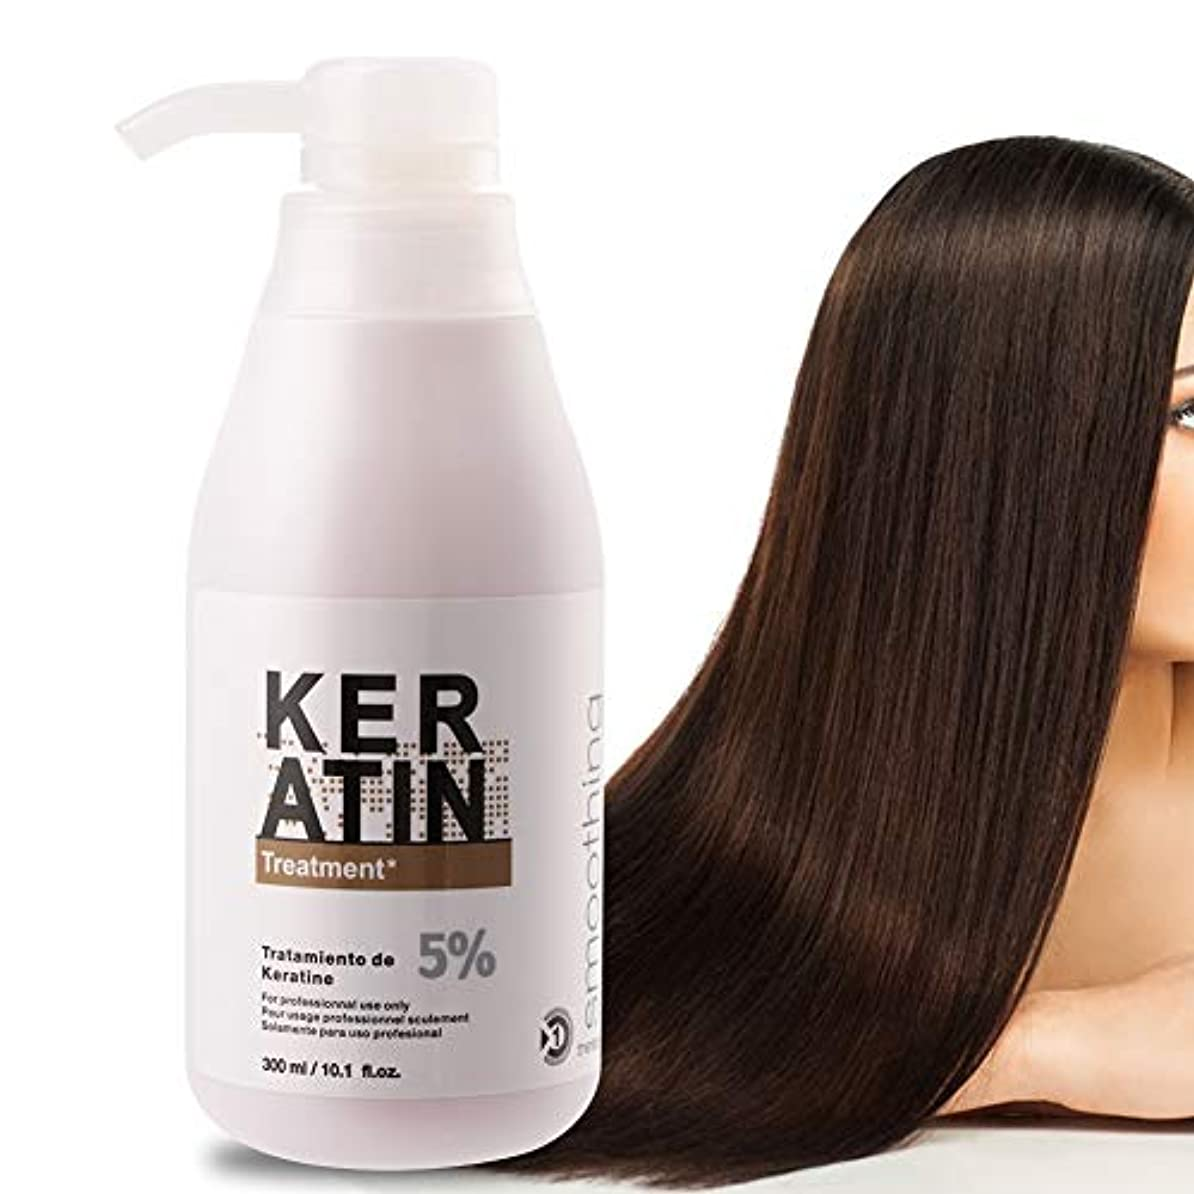 列挙するアーサーコナンドイルハードウェア乾いた、ダメージを受けた、そして化学的に処理された髪のためのケラチンとタンパク質のケラチンヘアマスク、300mlブラジルのケラチンヘアトリートメント